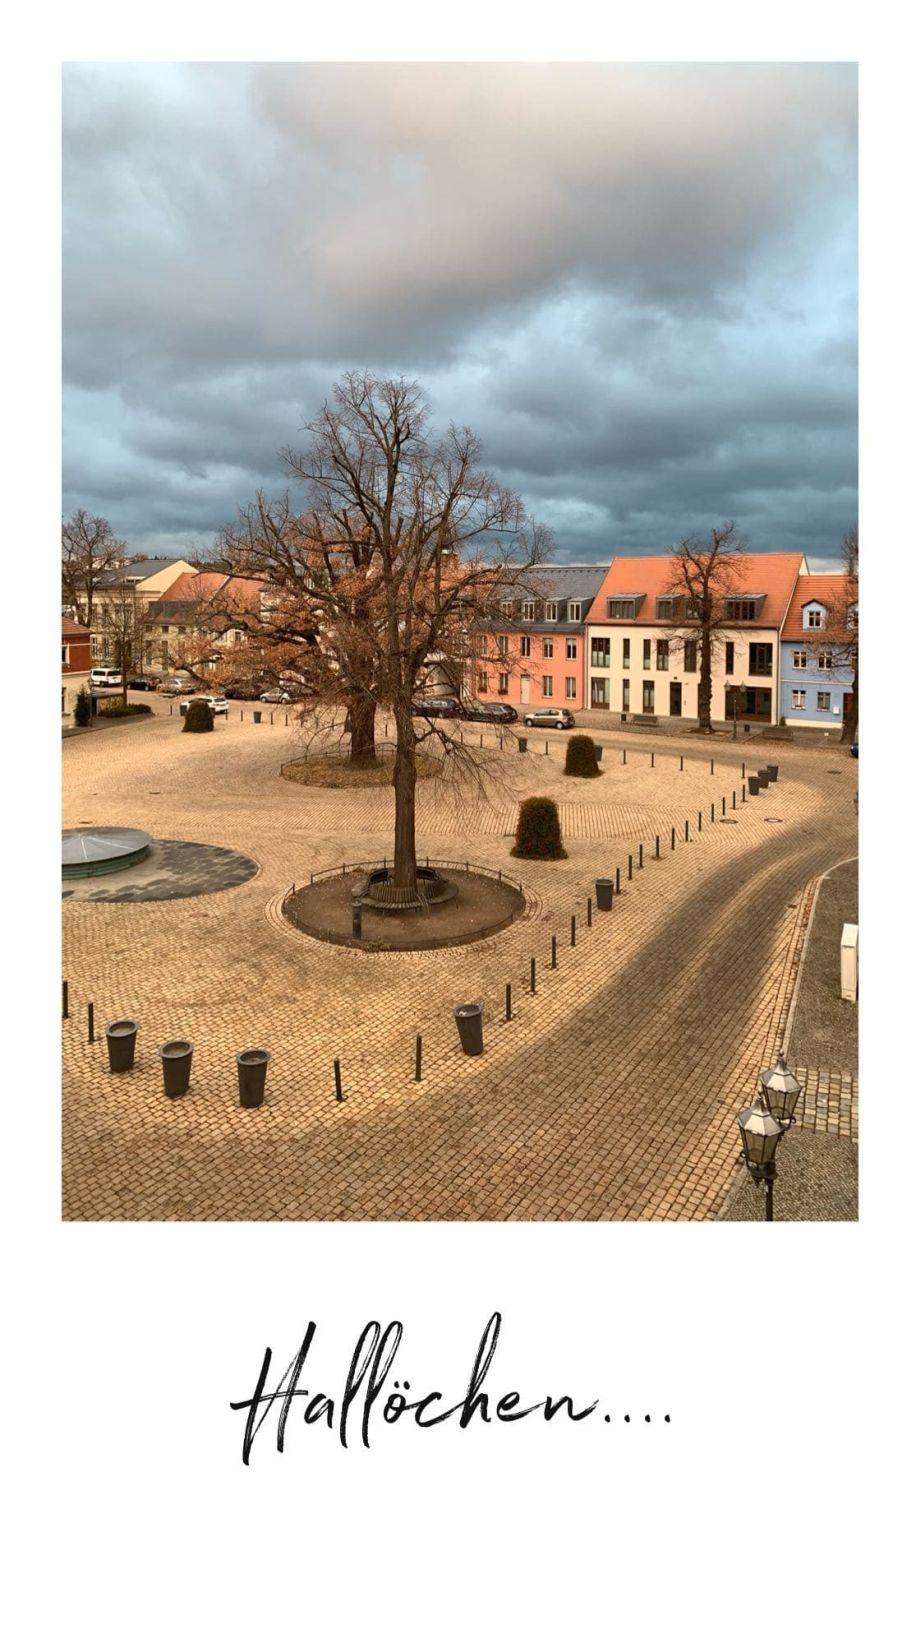 TIPPS und GRUNDREGELN für das Einrichten und Dekorieren von kleinen Wohnräume! Mit dem Geberit Dusch WC im Flying Space von Schwerer Haus in Werder Havel!